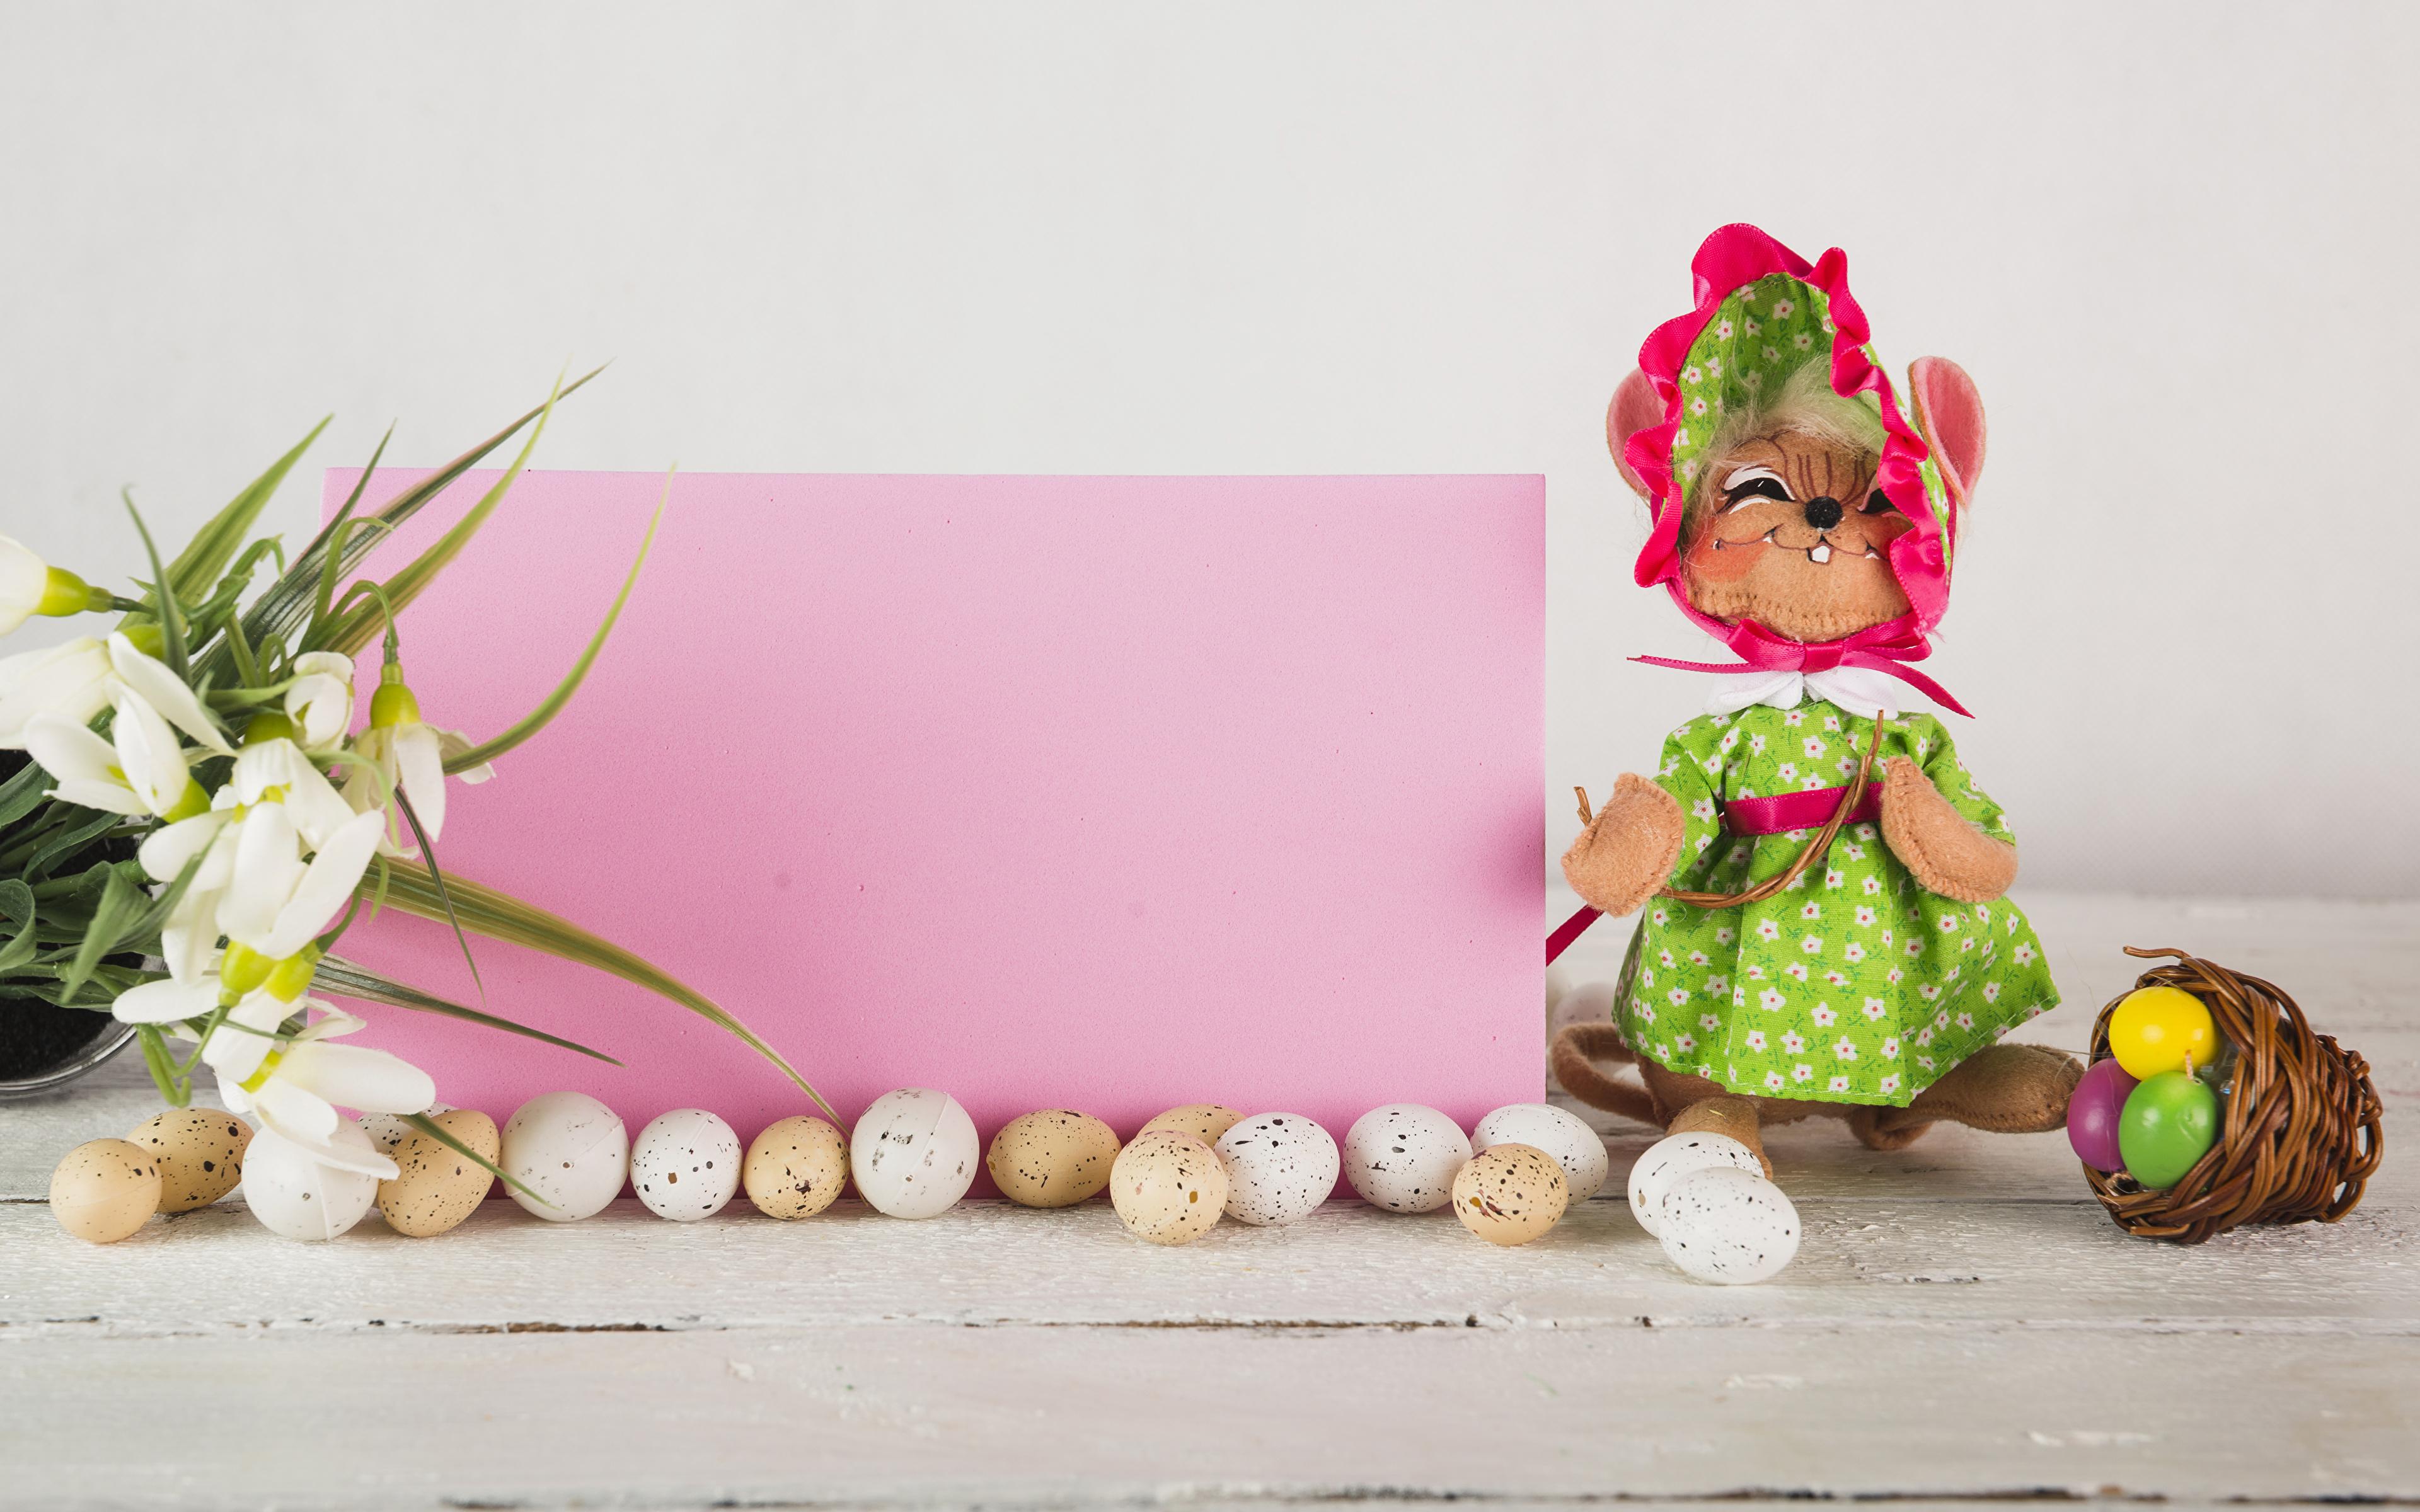 Фотографии Пасха Кролики Яйца Галантус Корзинка Шаблон поздравительной открытки Праздники 3840x2400 кролик яиц яйцо яйцами корзины Корзина Подснежники